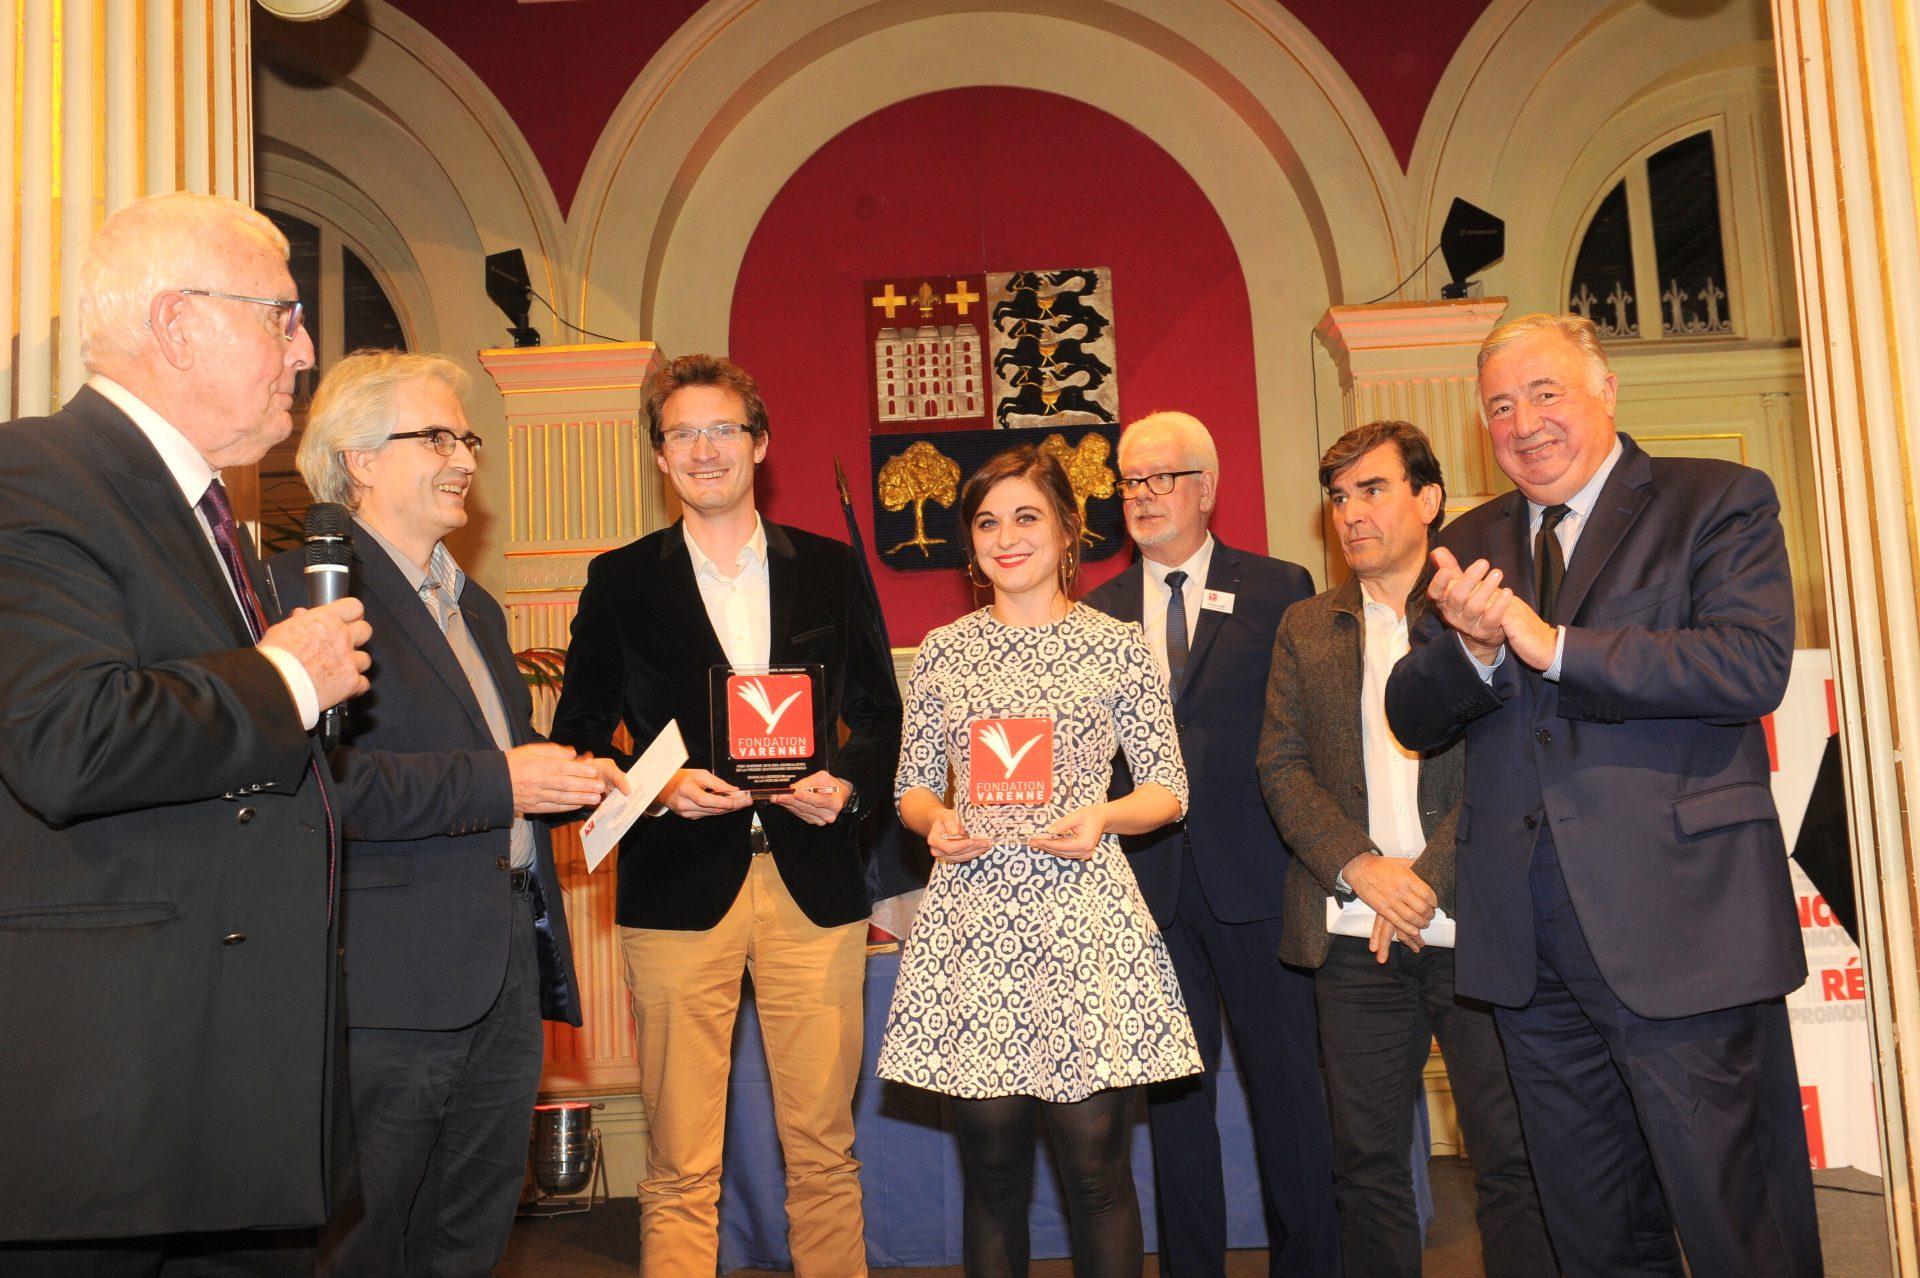 Grand-Prix-VARENNE-Journalistes-de-la-PQR-remis-à-Olivier-BOURGEOT-et-Morgane-BAGHLALI-SERRES-de-la-VOIX-DU-NORD